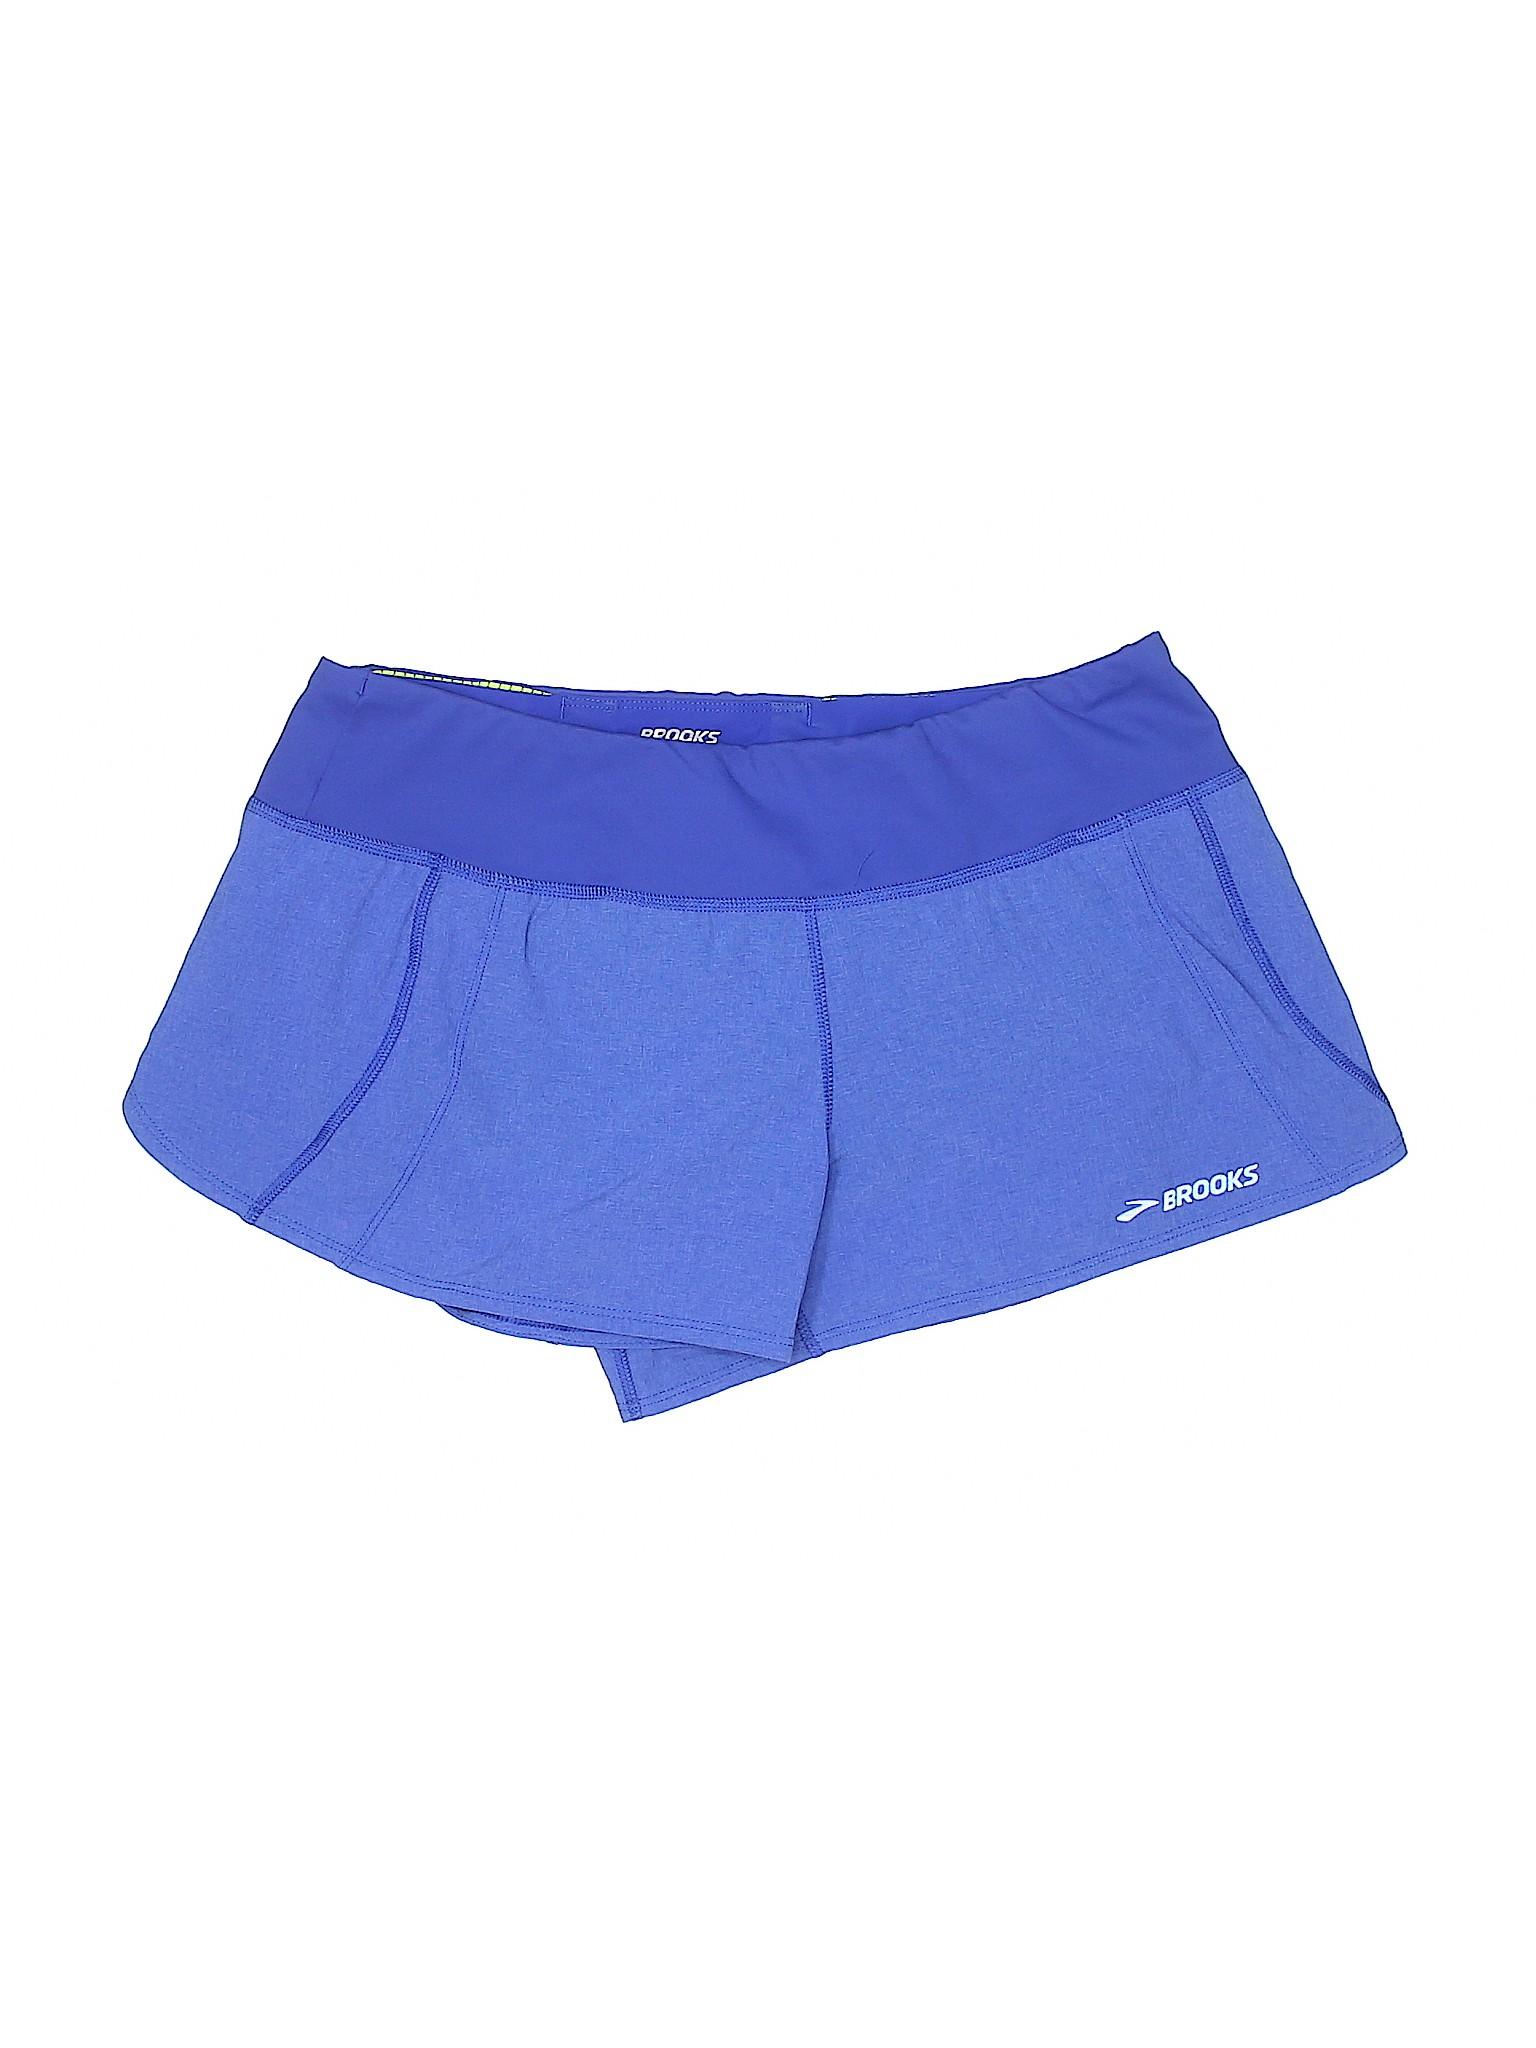 Athletic Boutique Shorts Boutique Brooks leisure Brooks Brooks Boutique Shorts Boutique Athletic Athletic leisure Brooks leisure Shorts leisure AB7CZqw